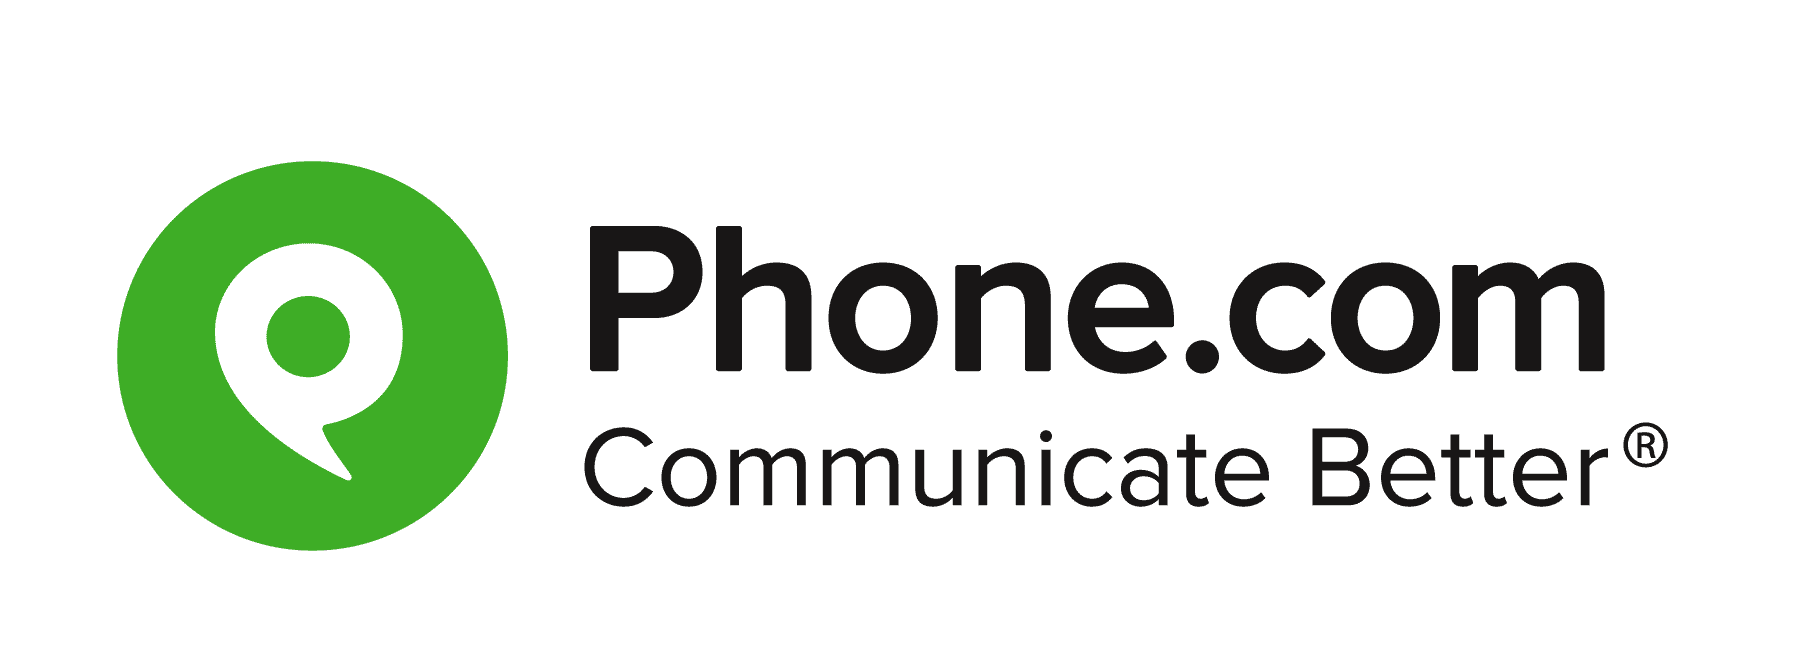 phonecom_logo_horiz_comm_better_lightbg.png